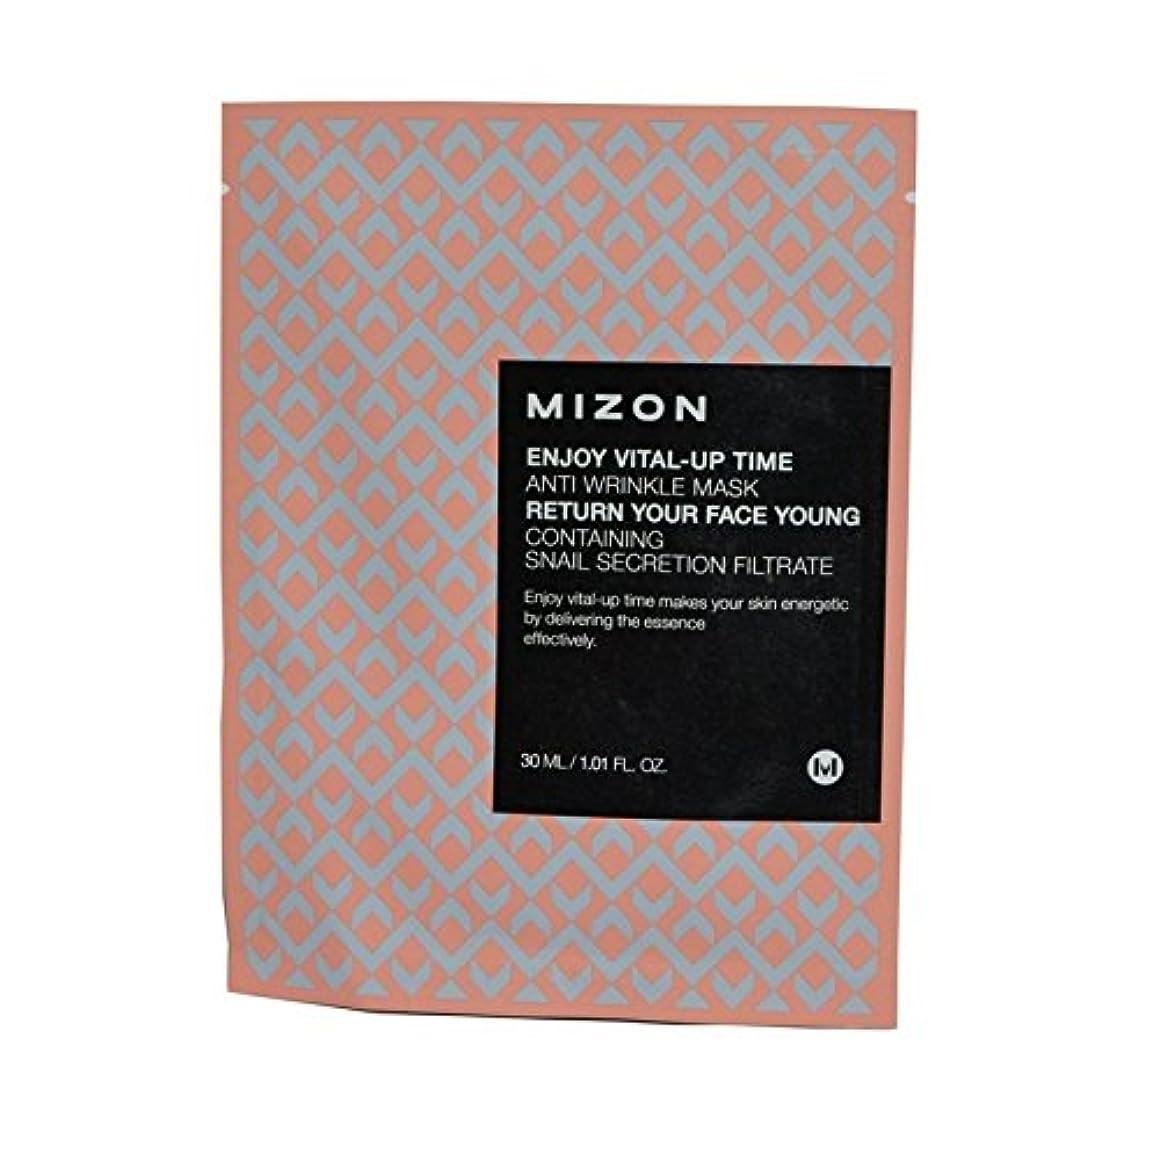 ウェイター悪性換気Mizon Enjoy Vital Up Time Anti-Wrinkle Mask (Pack of 6) - が不可欠アップ時間抗しわマスクを楽しみます x6 [並行輸入品]